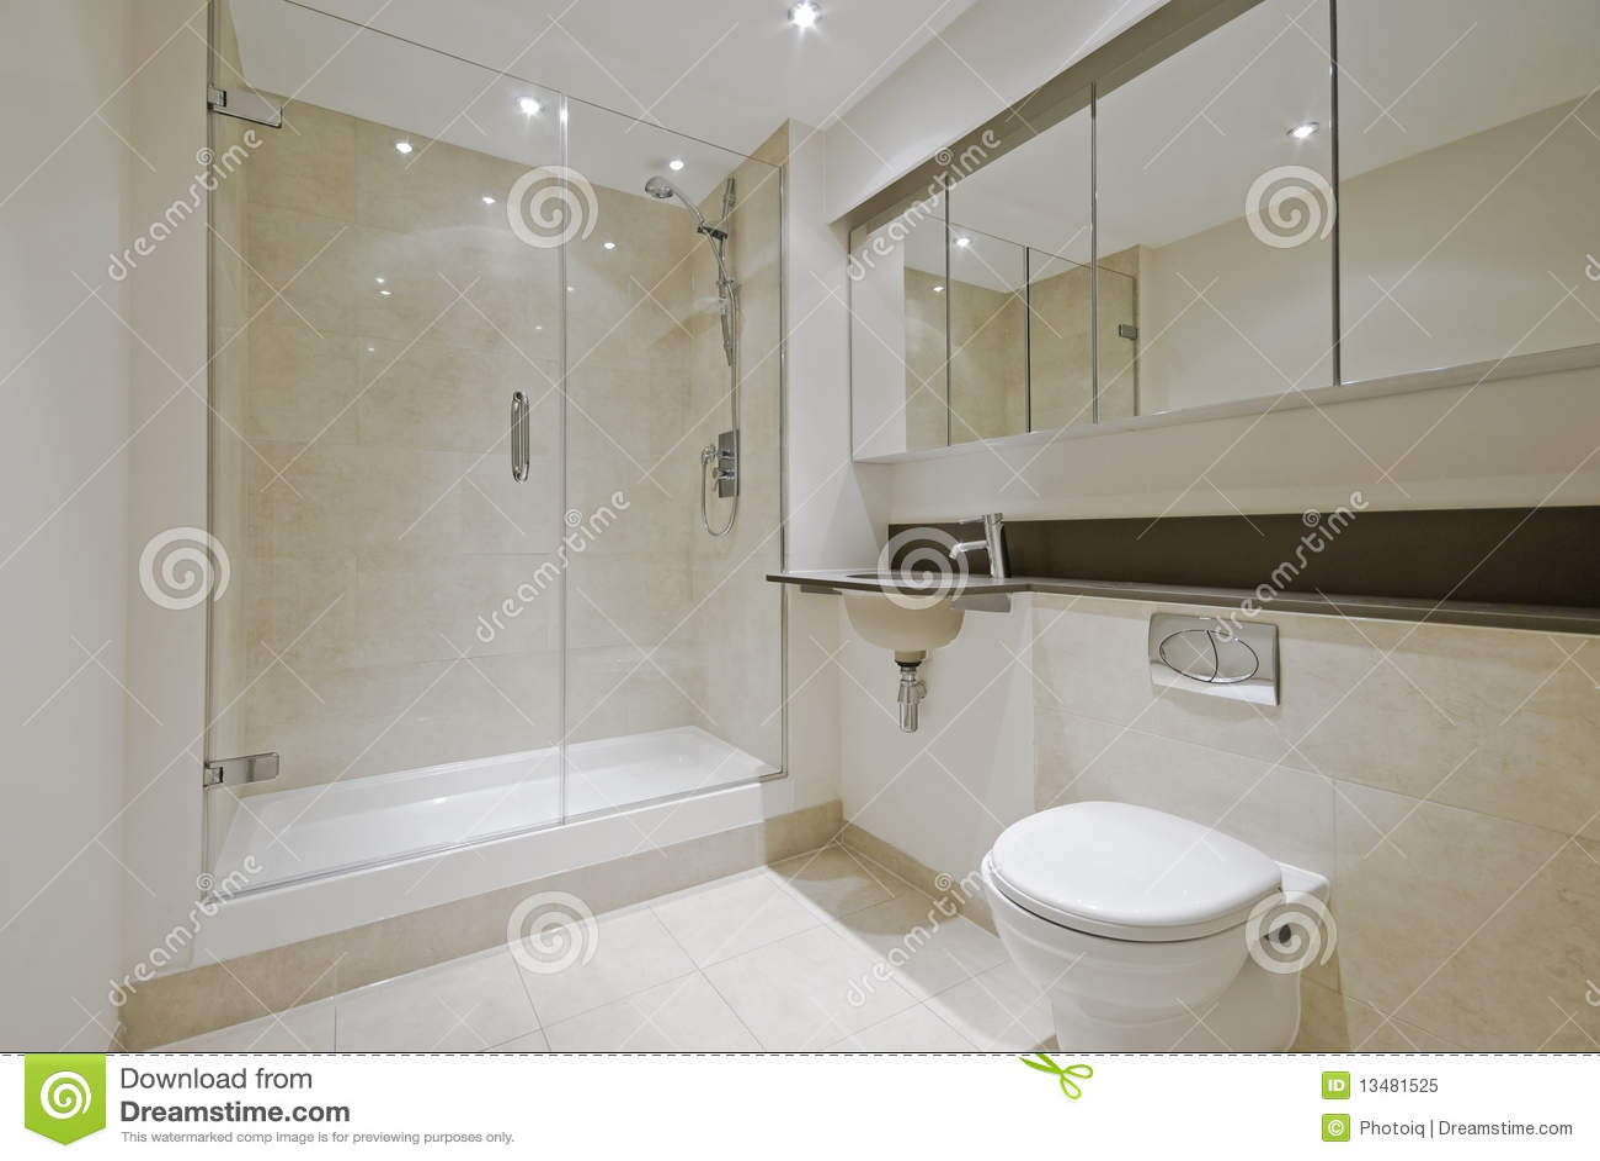 Cuarto de ba o moderno de la en habitaci n foto de archivo for Fotos de cuartos de bano de marmol